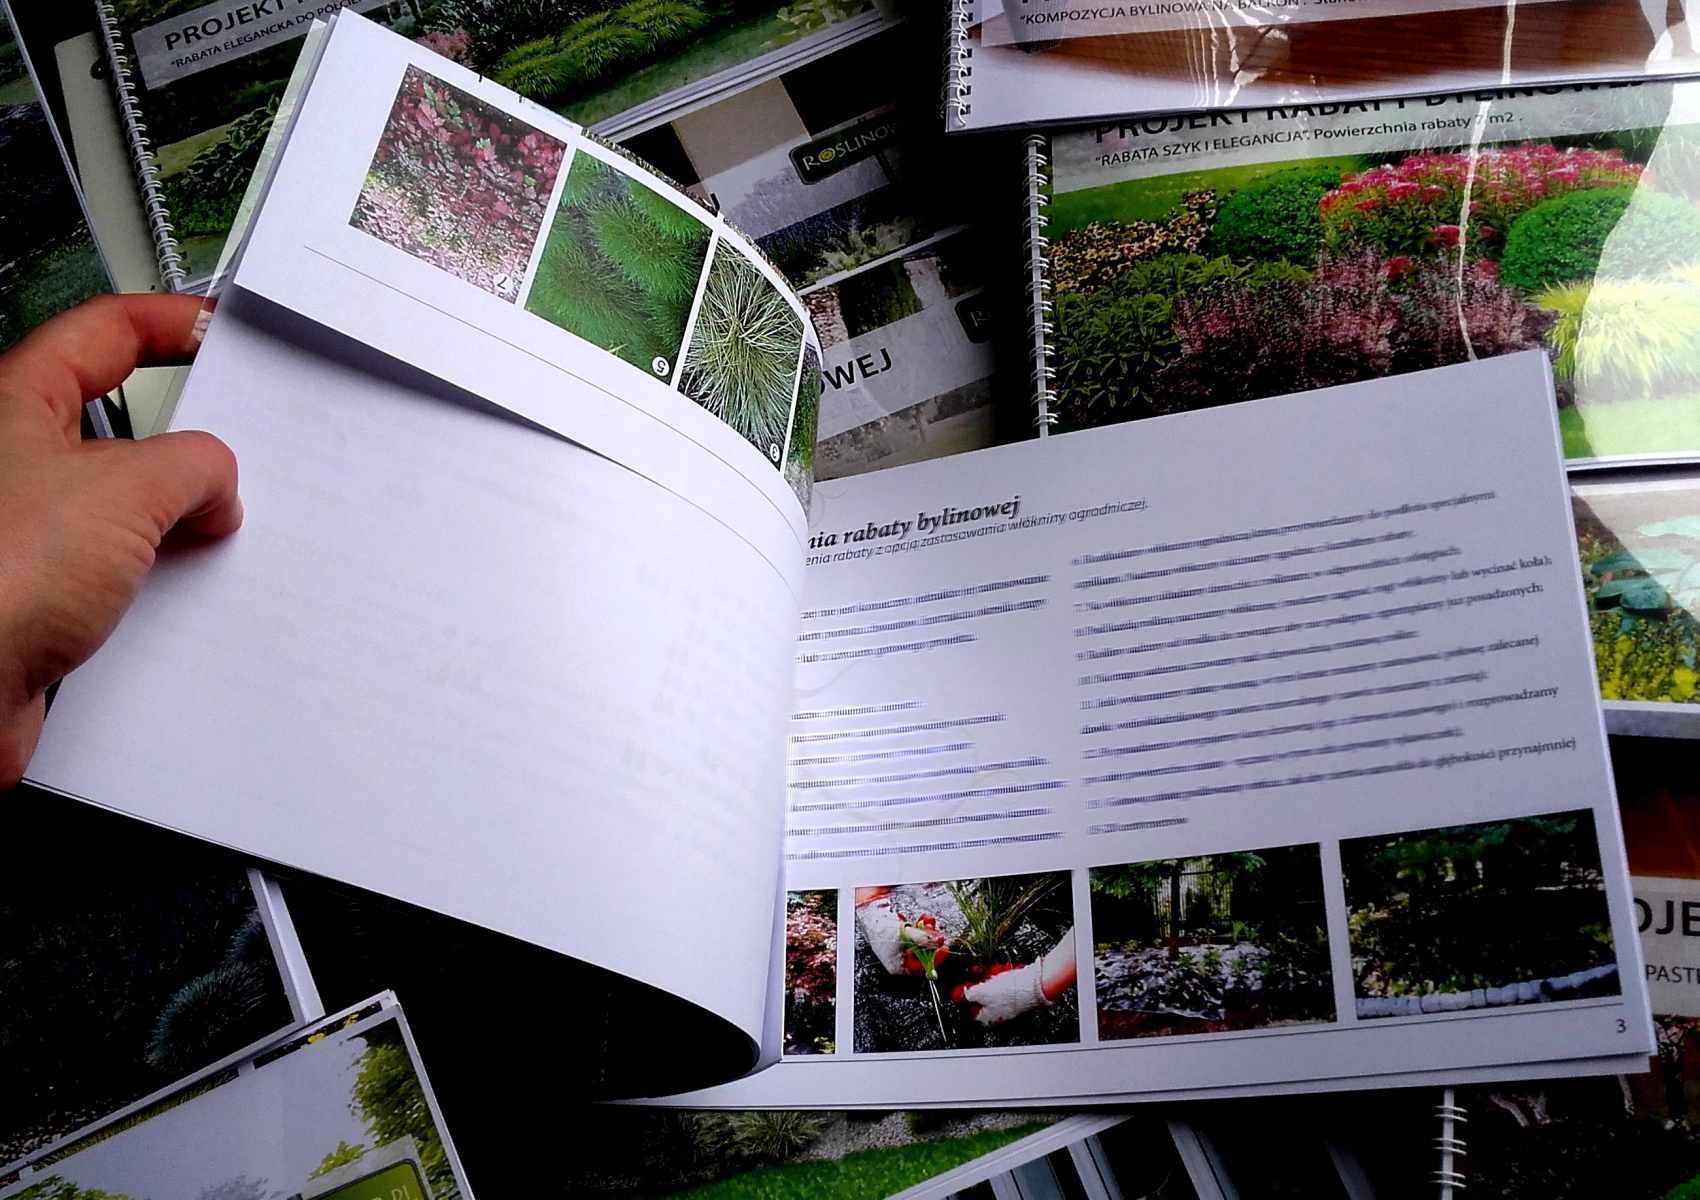 instrukcja - jak wykonać rabatę bylinową z użyciem włókniny ogrodniczej